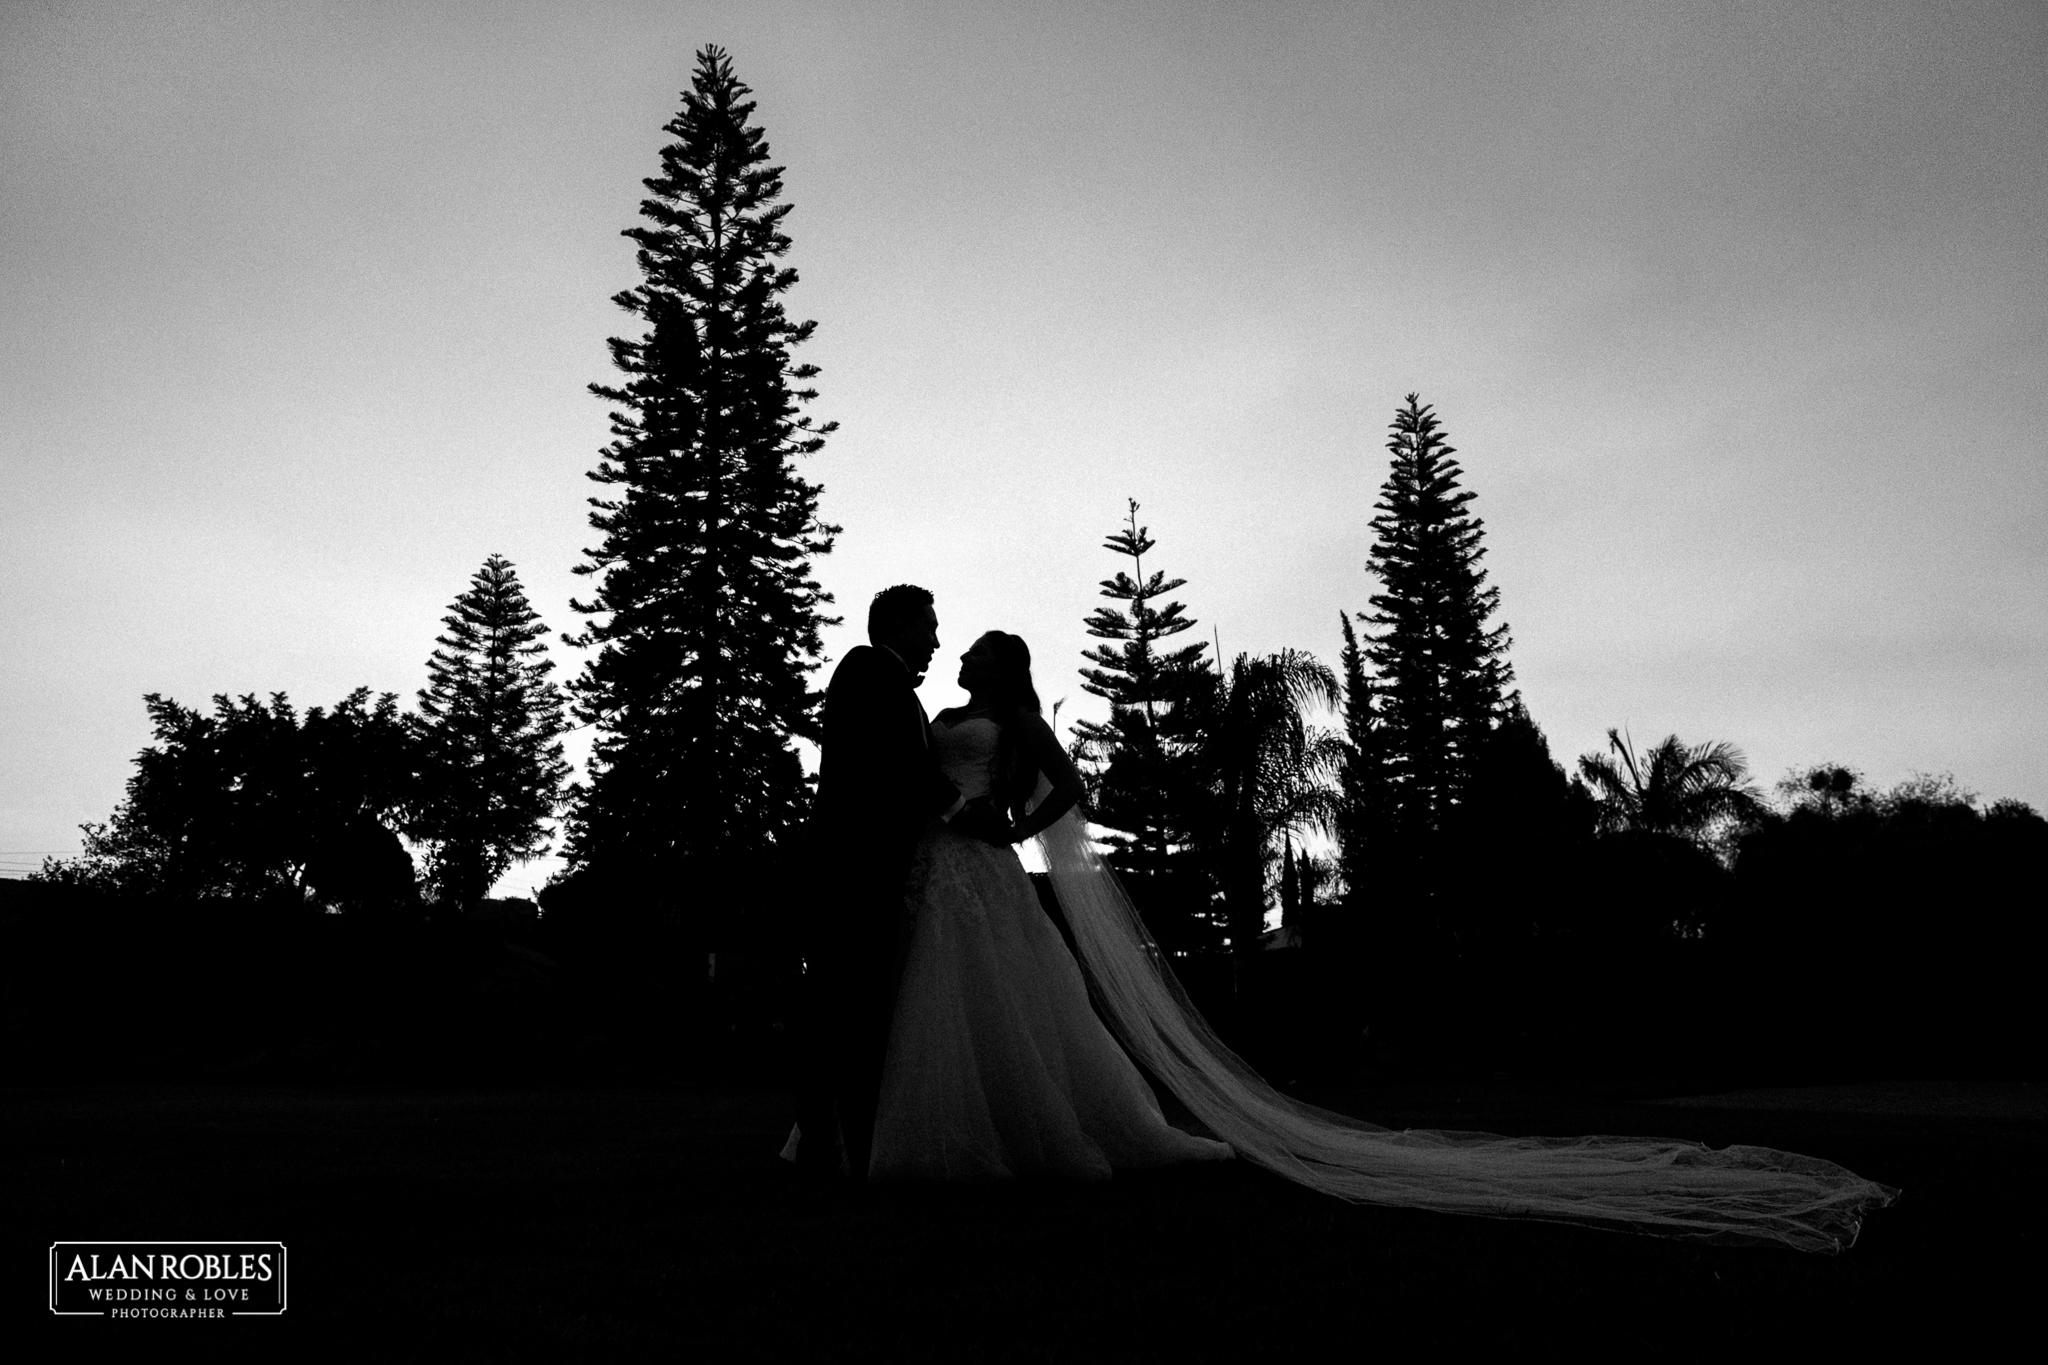 Fotografia artistica de bodas. Alan Robles Fotografo de Bodas